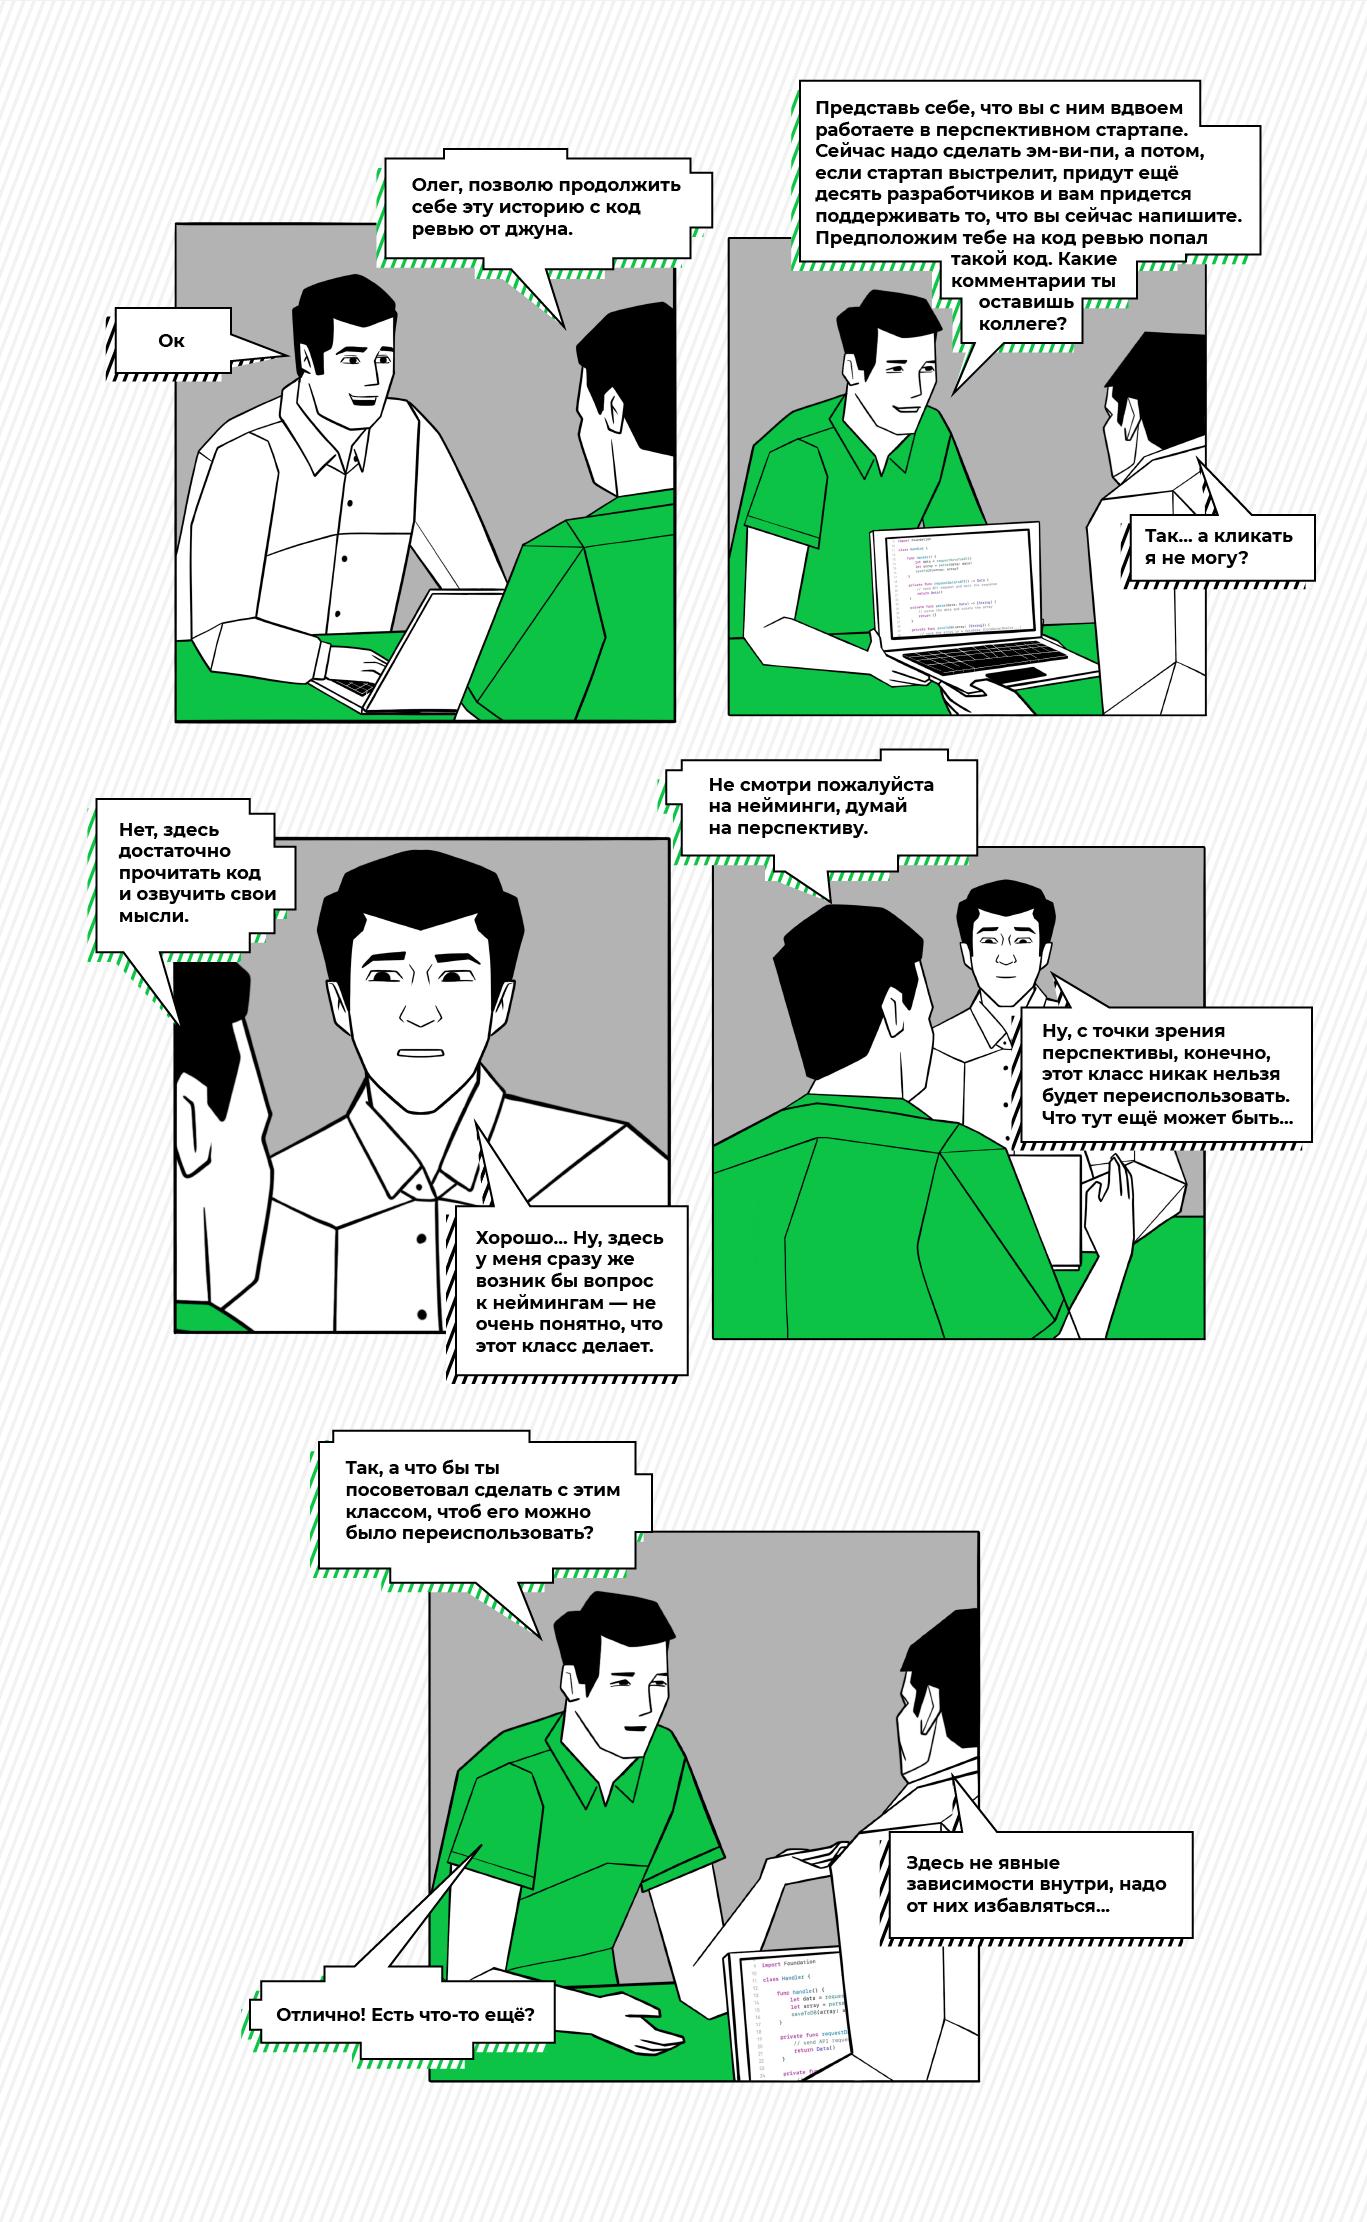 Сценарий идеального технического собеседования - 6